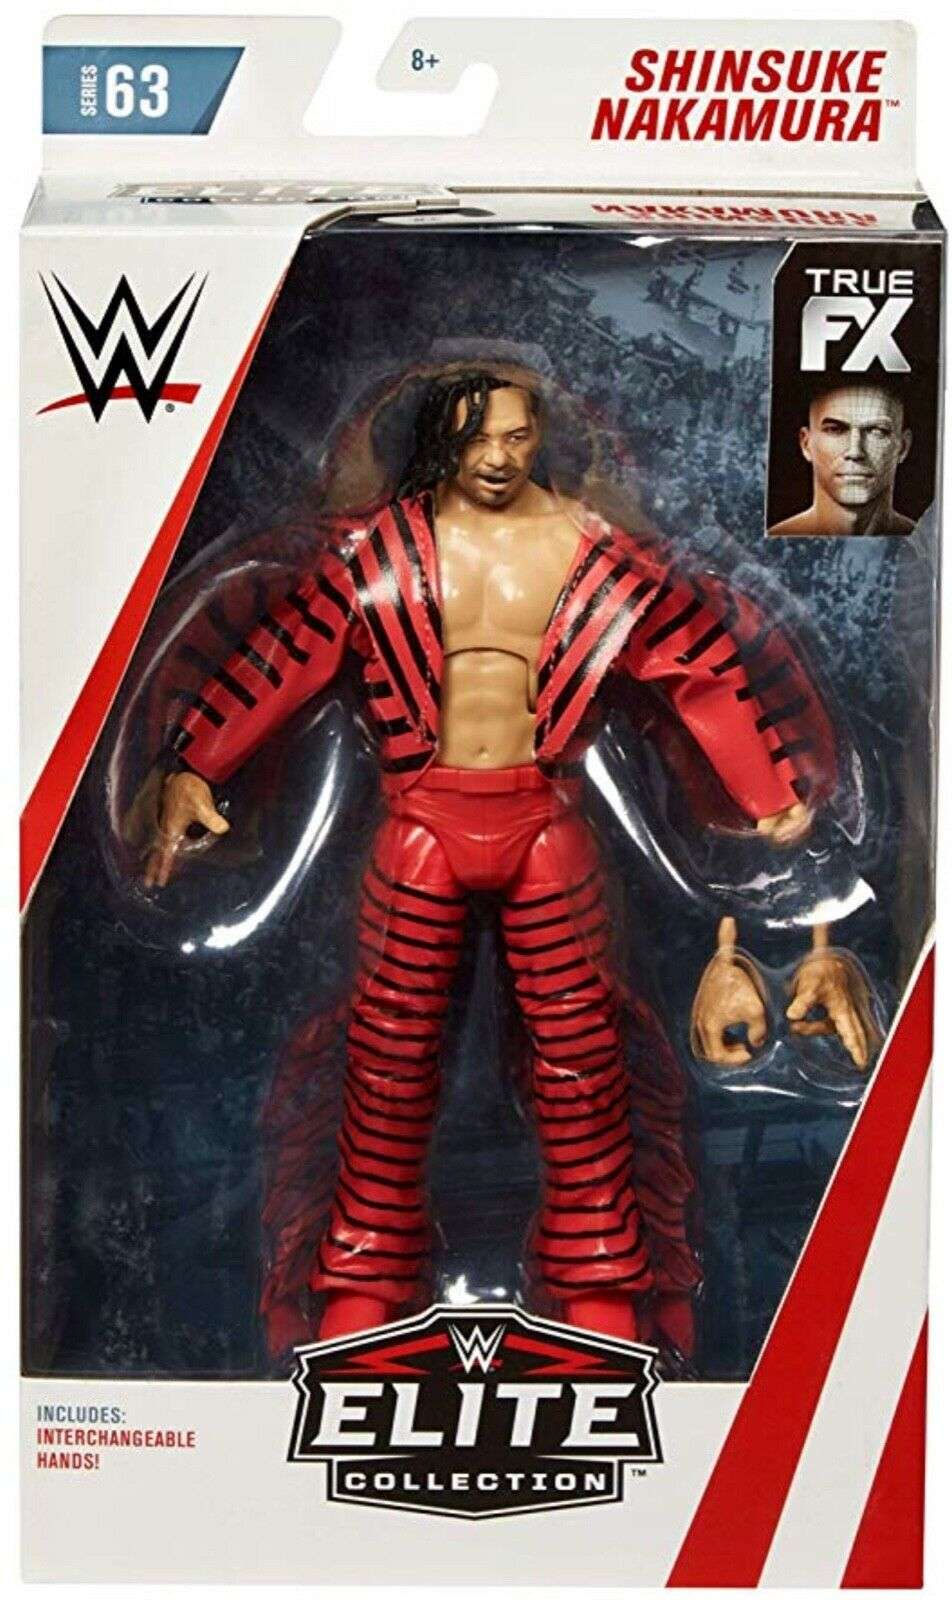 Wwe Shinsuke Nakamura Raw Fx Accesorios Mattel Elite Serie 63 Figura de Lucha